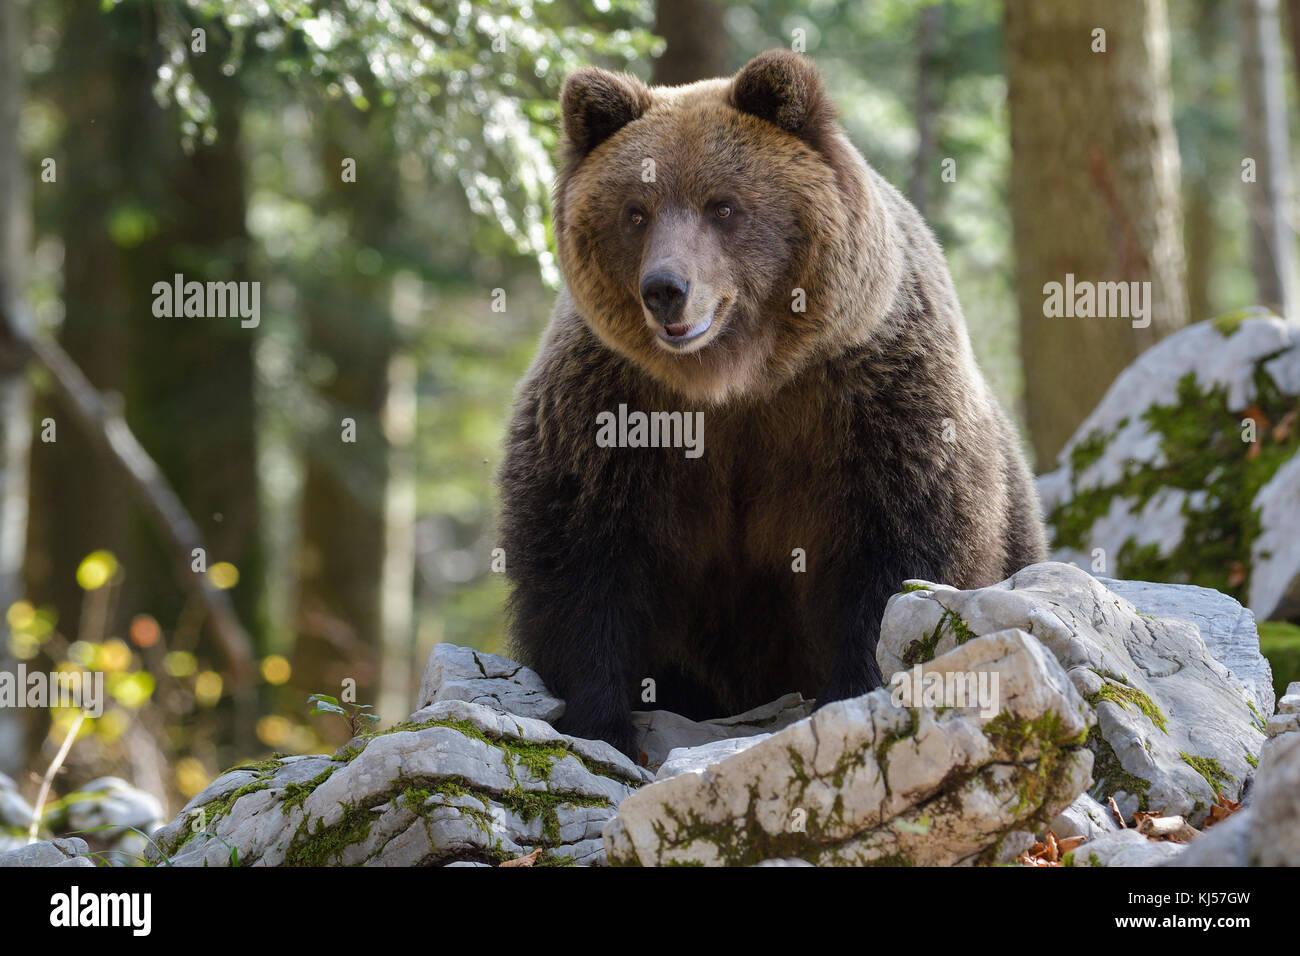 Europäische Braunbären oder eurasischer Braunbär (Ursus arctos arctos), tragen im Karst Wald, notranjska, Slowenien Stockfoto